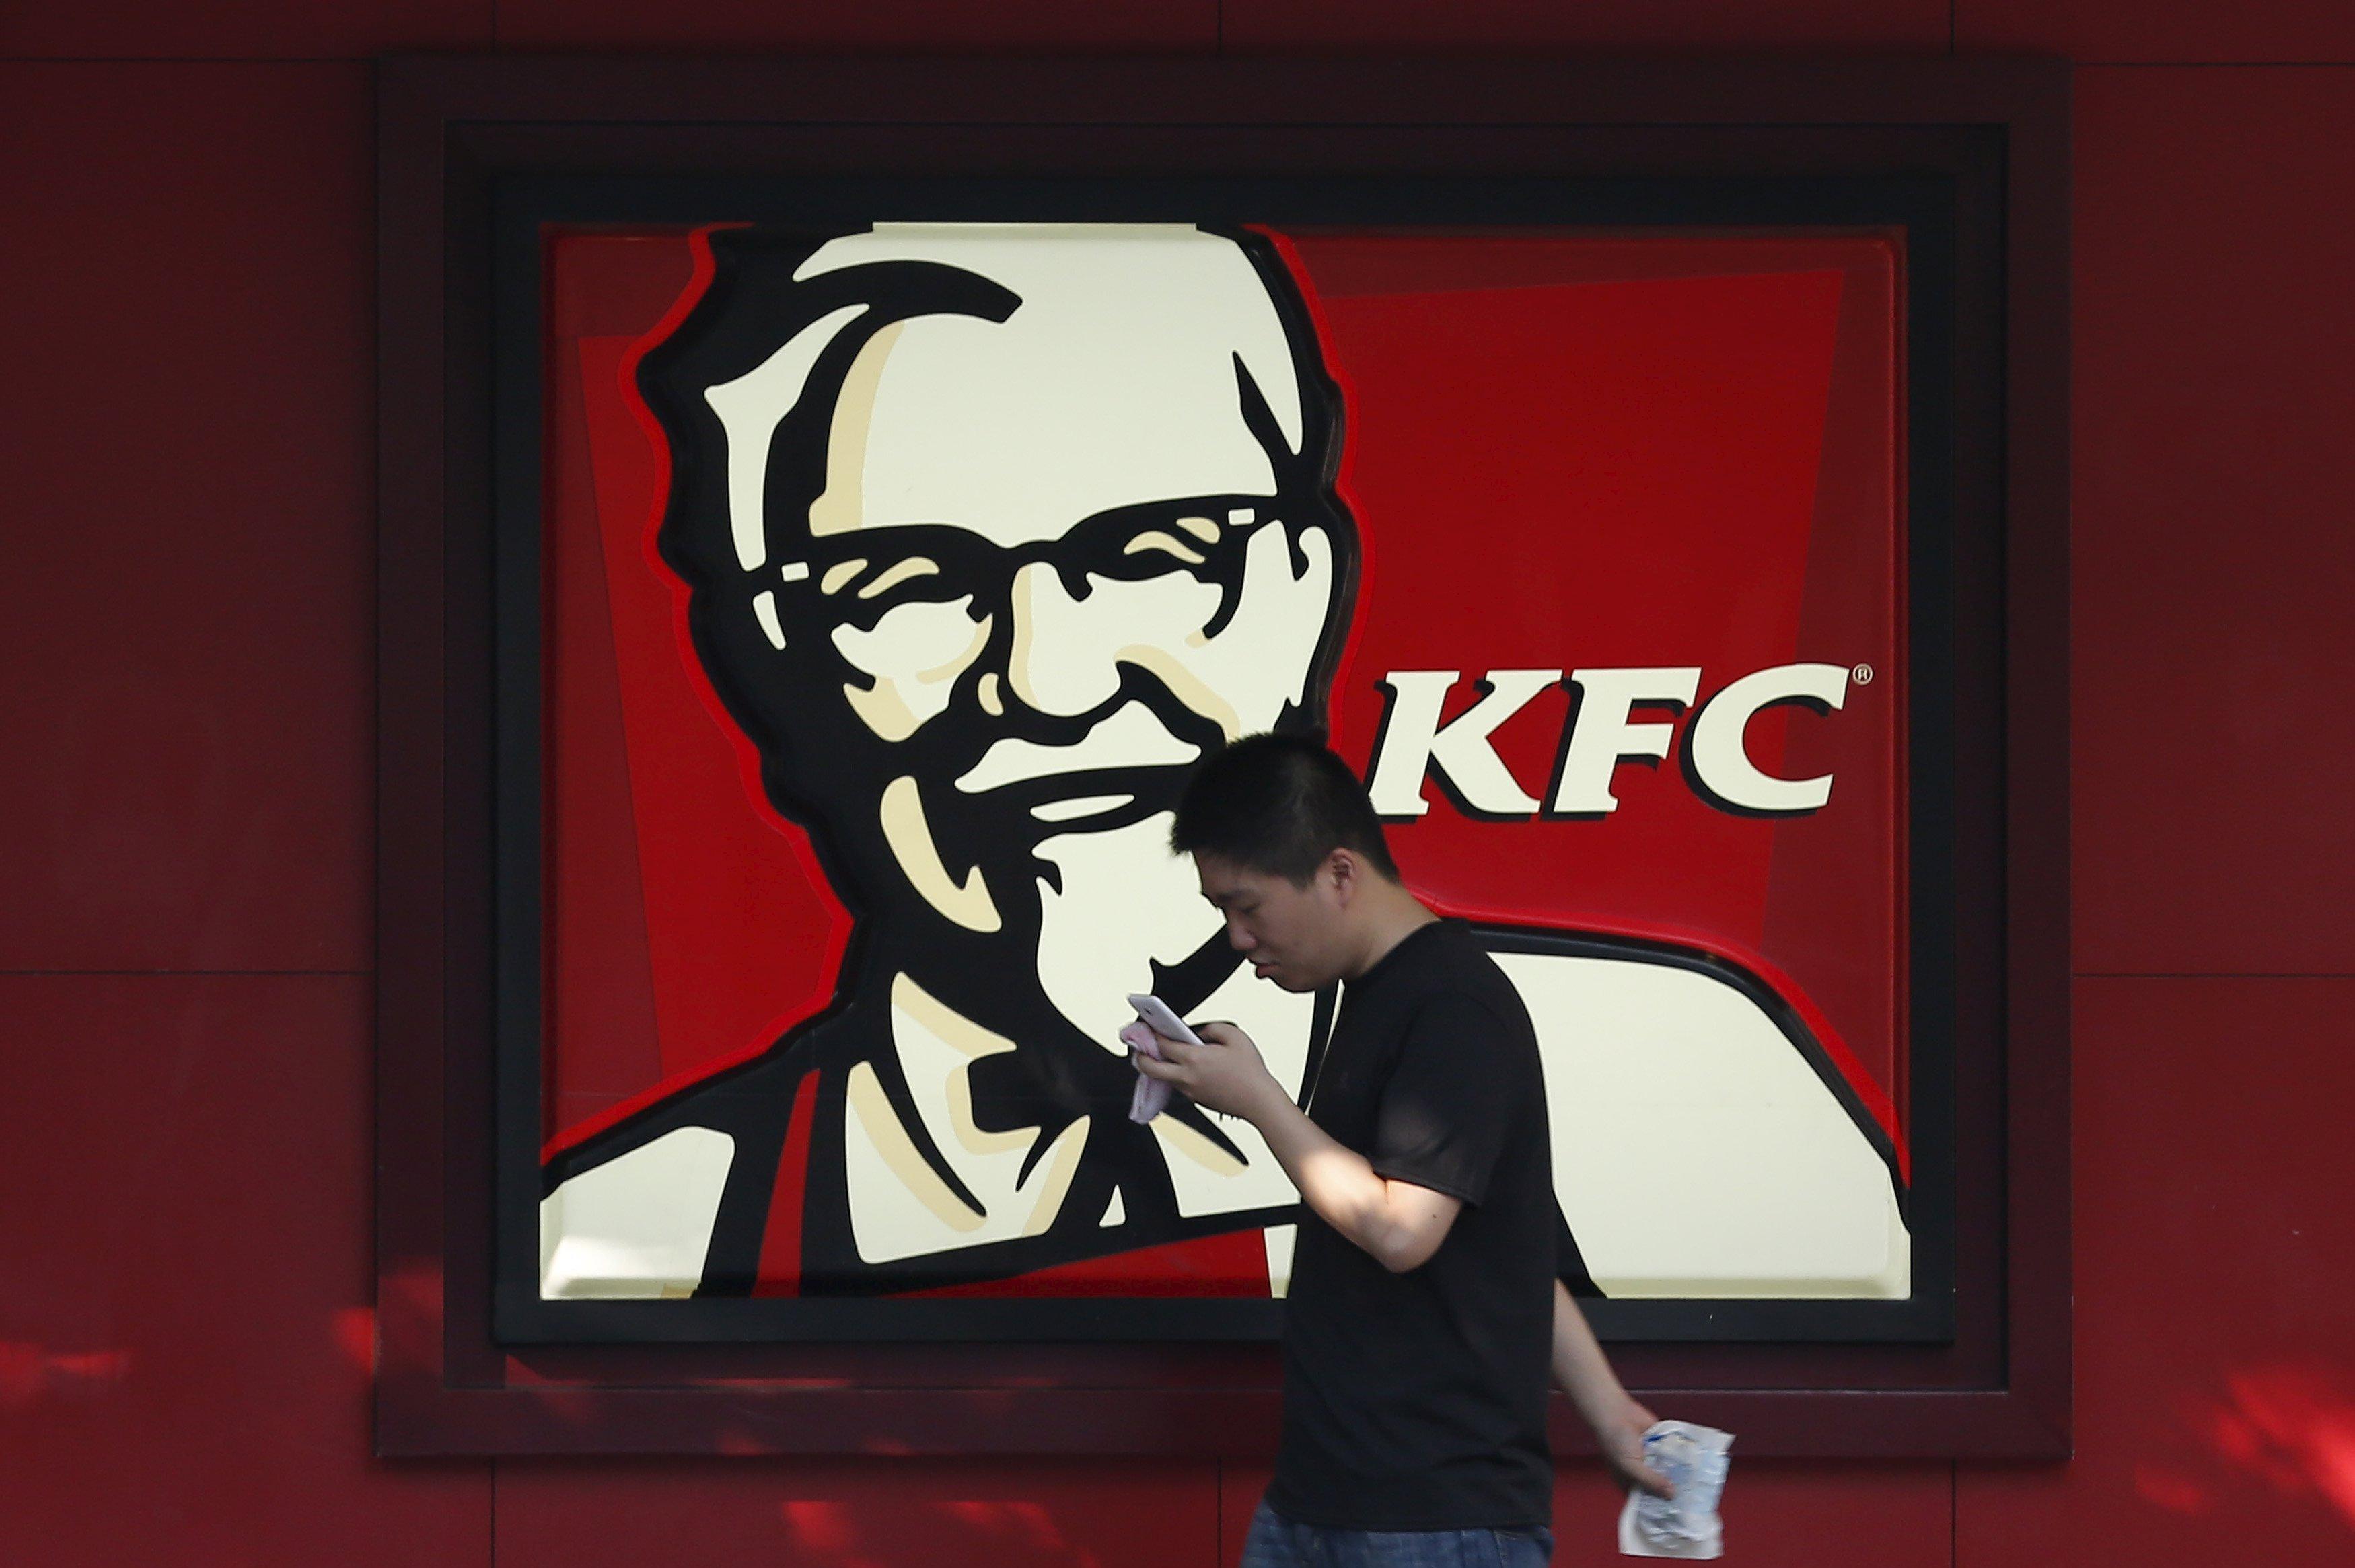 L'enseigne de KFC